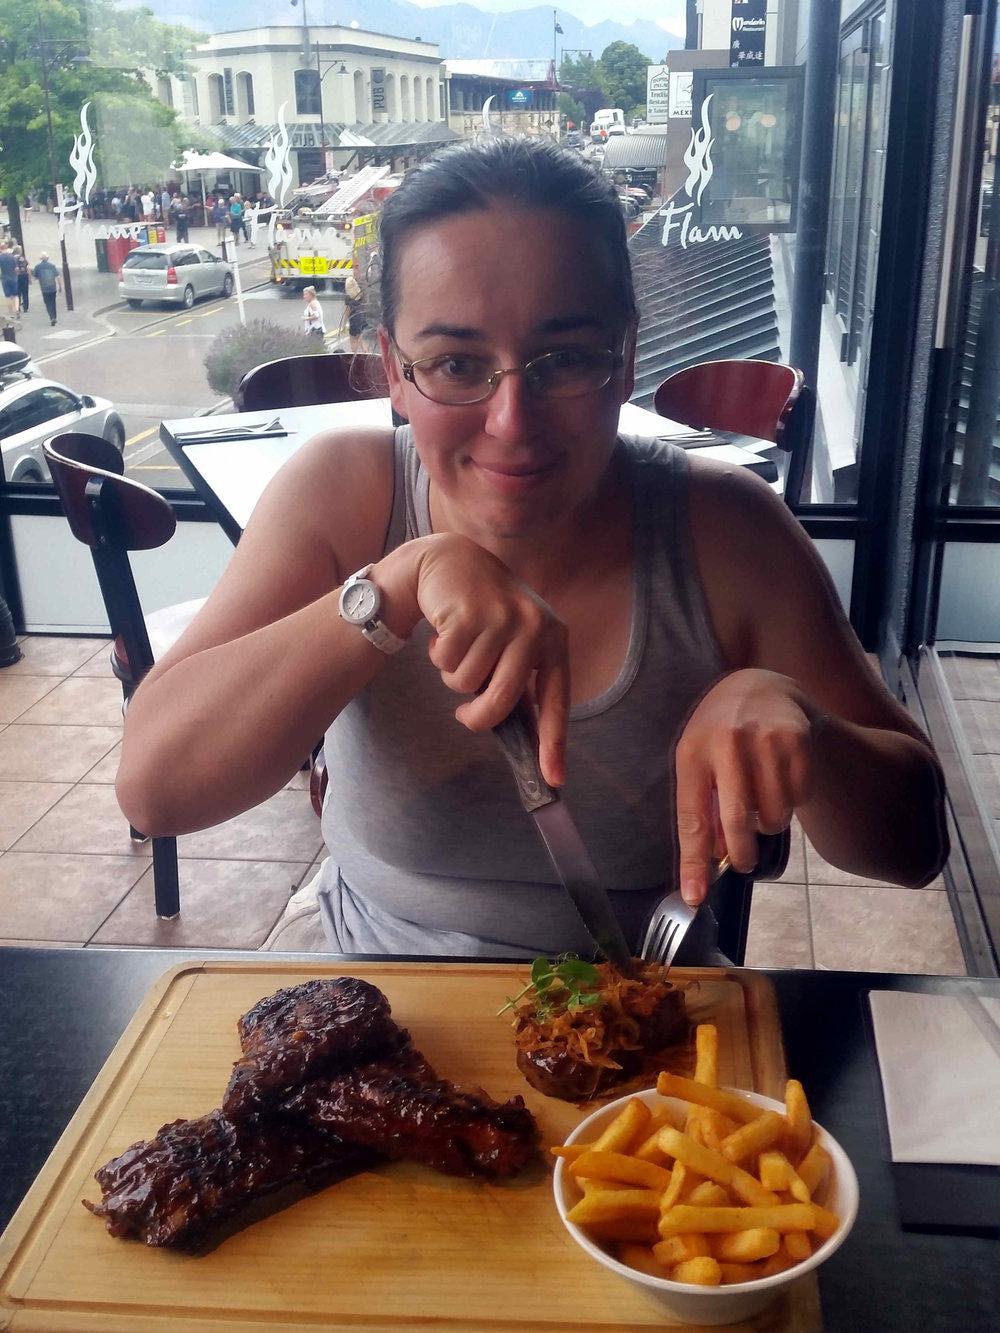 Julianne enjoying her steak!